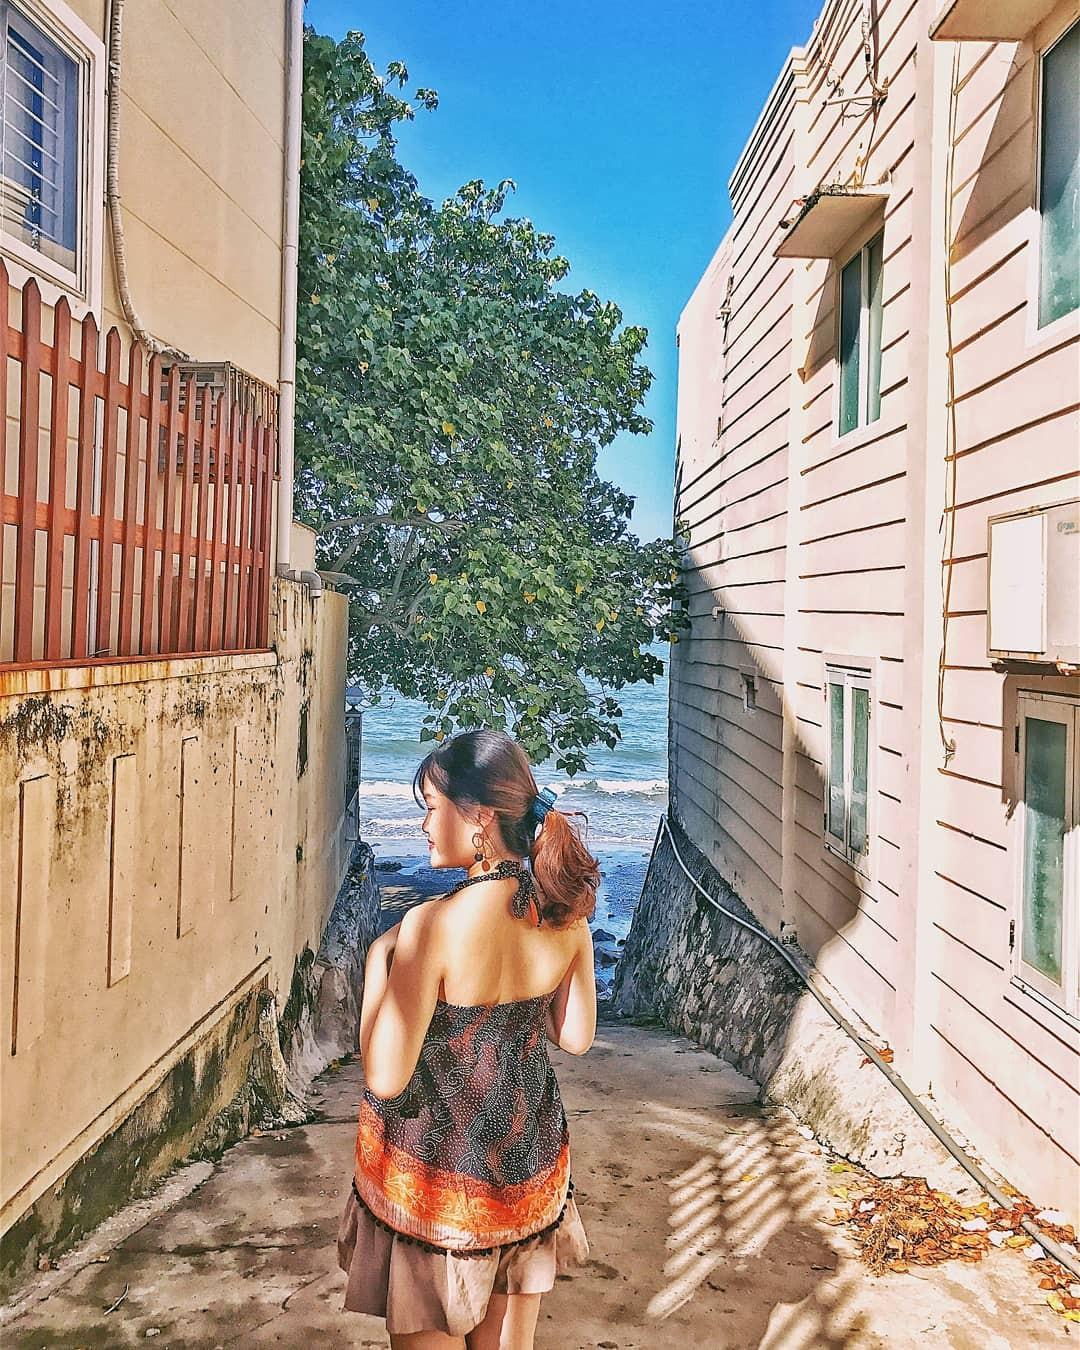 Con hẻm sống ảo tại Vũng Tàu đang là địa điểm được giới trẻ check-in rần rần trên Instagram - Ảnh 4.